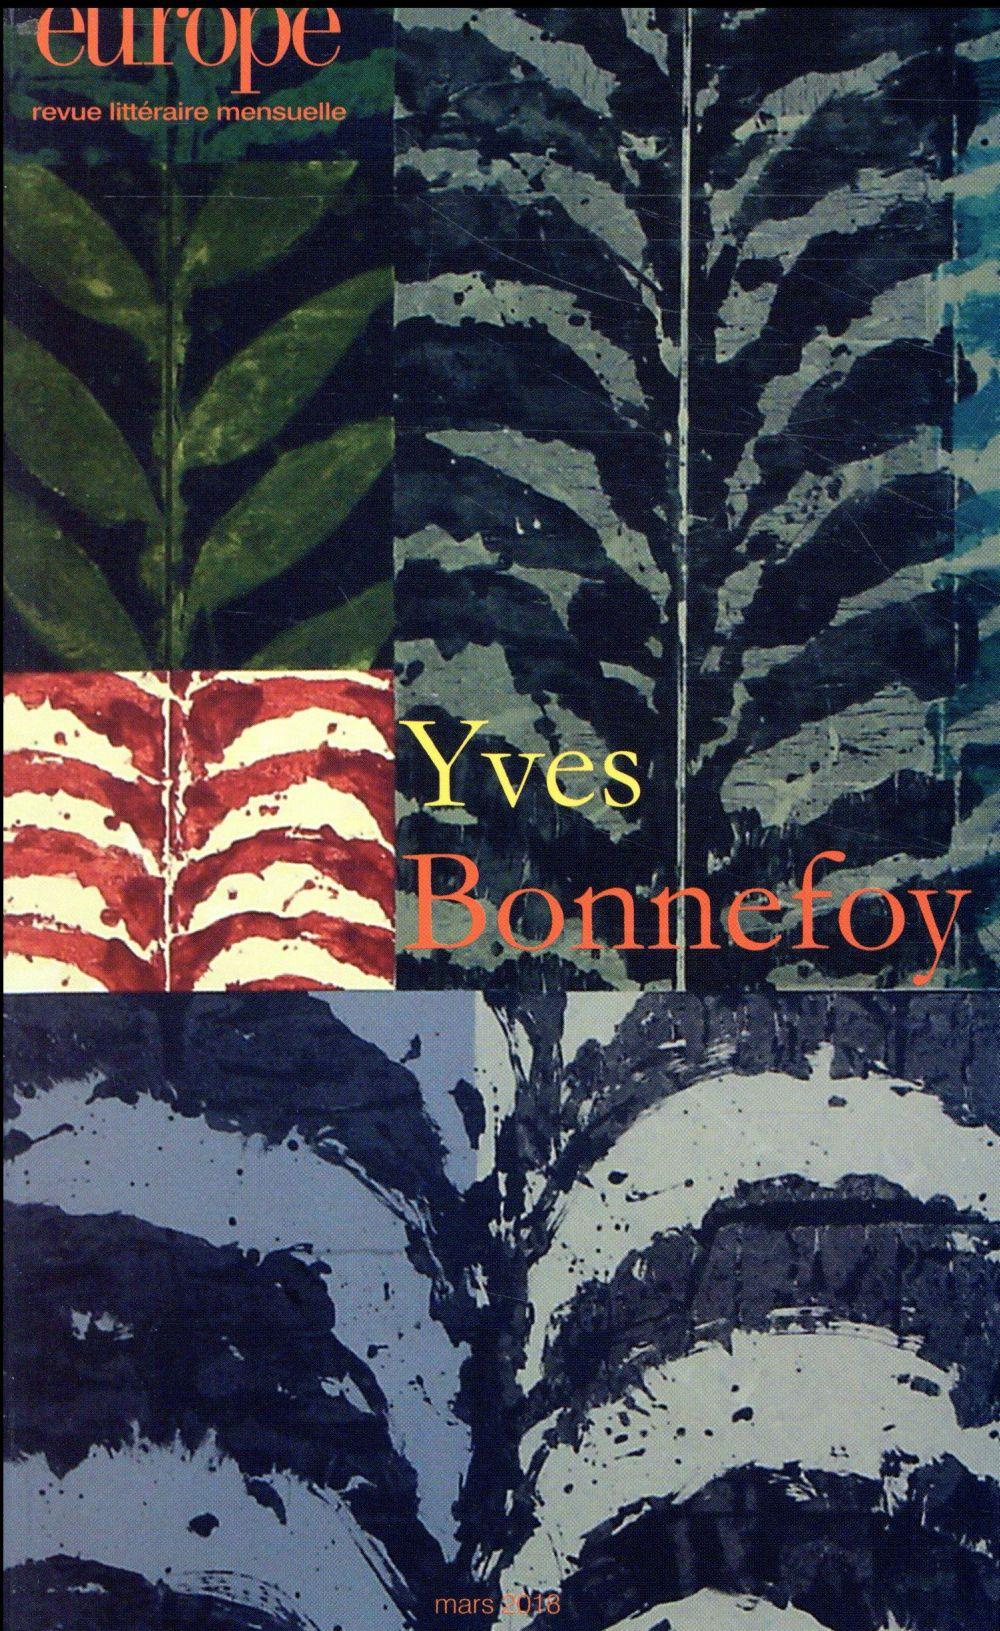 EUROPE 1067 : YVES BONNEFOY